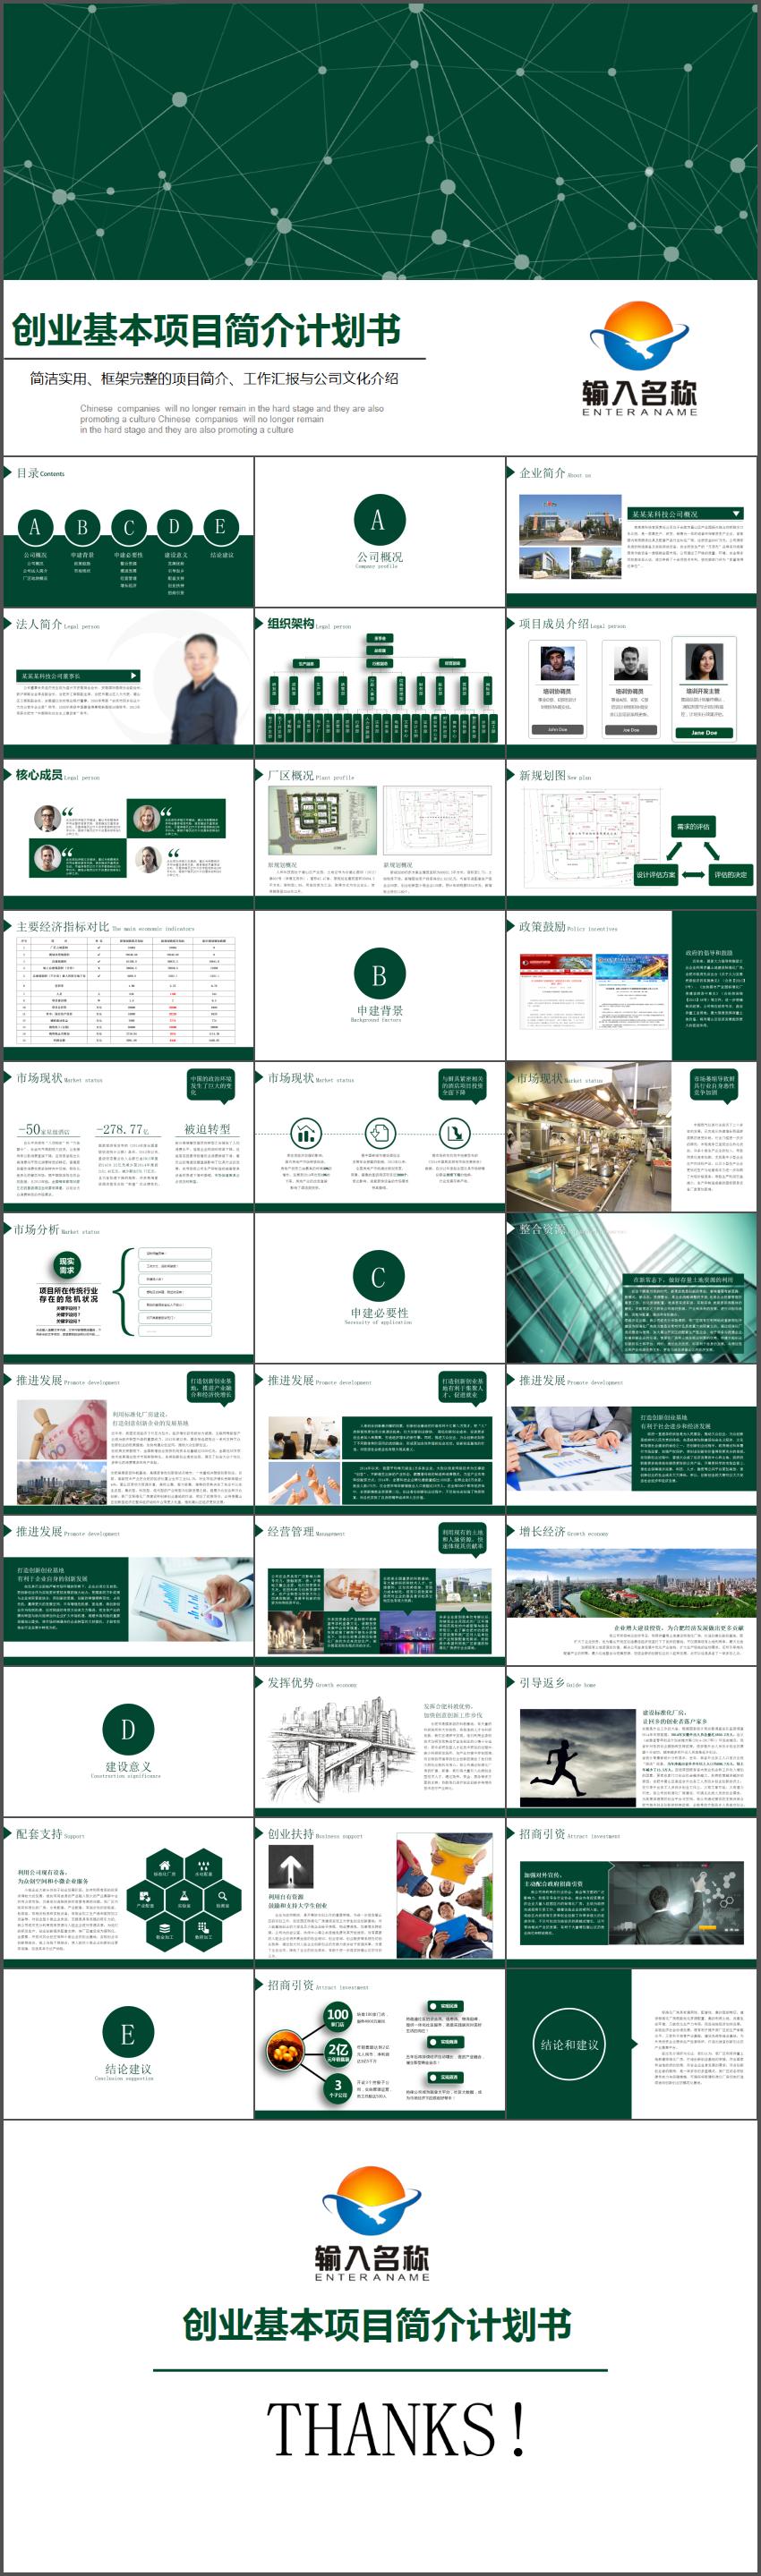 企业创业项目简介商业融资计划书PPT模板下载–演界网